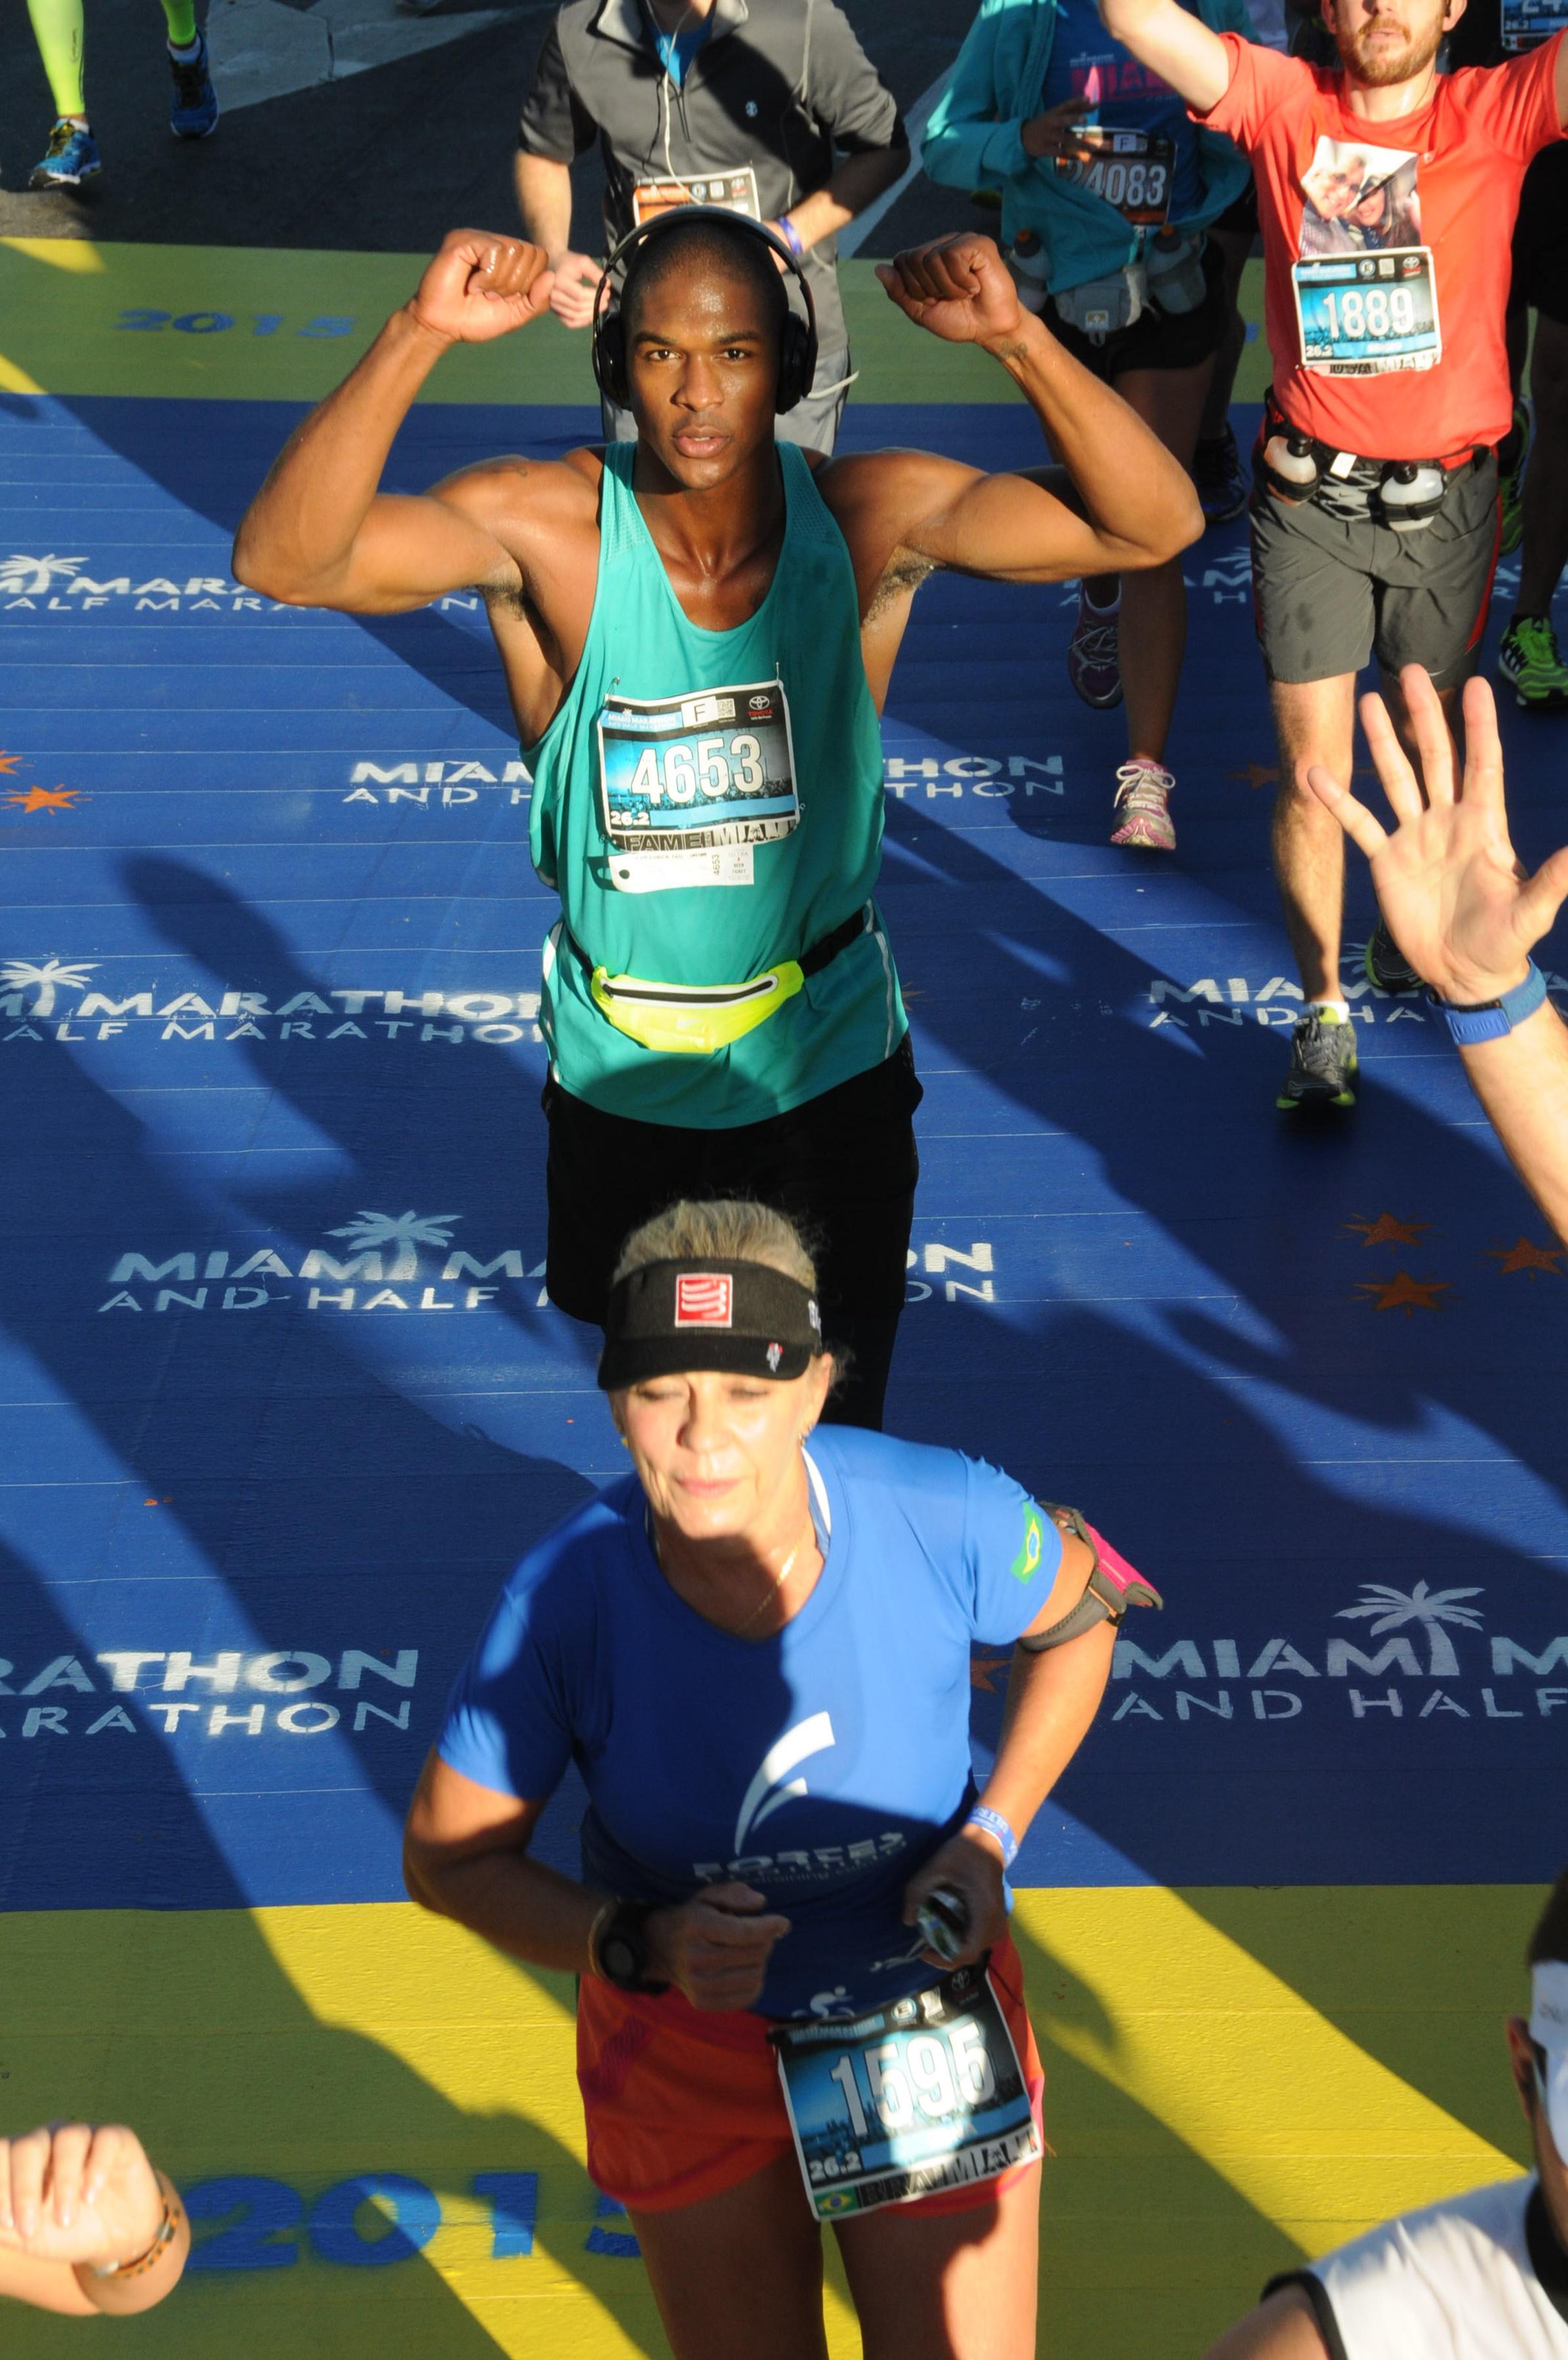 miami-marathon-2.jpg